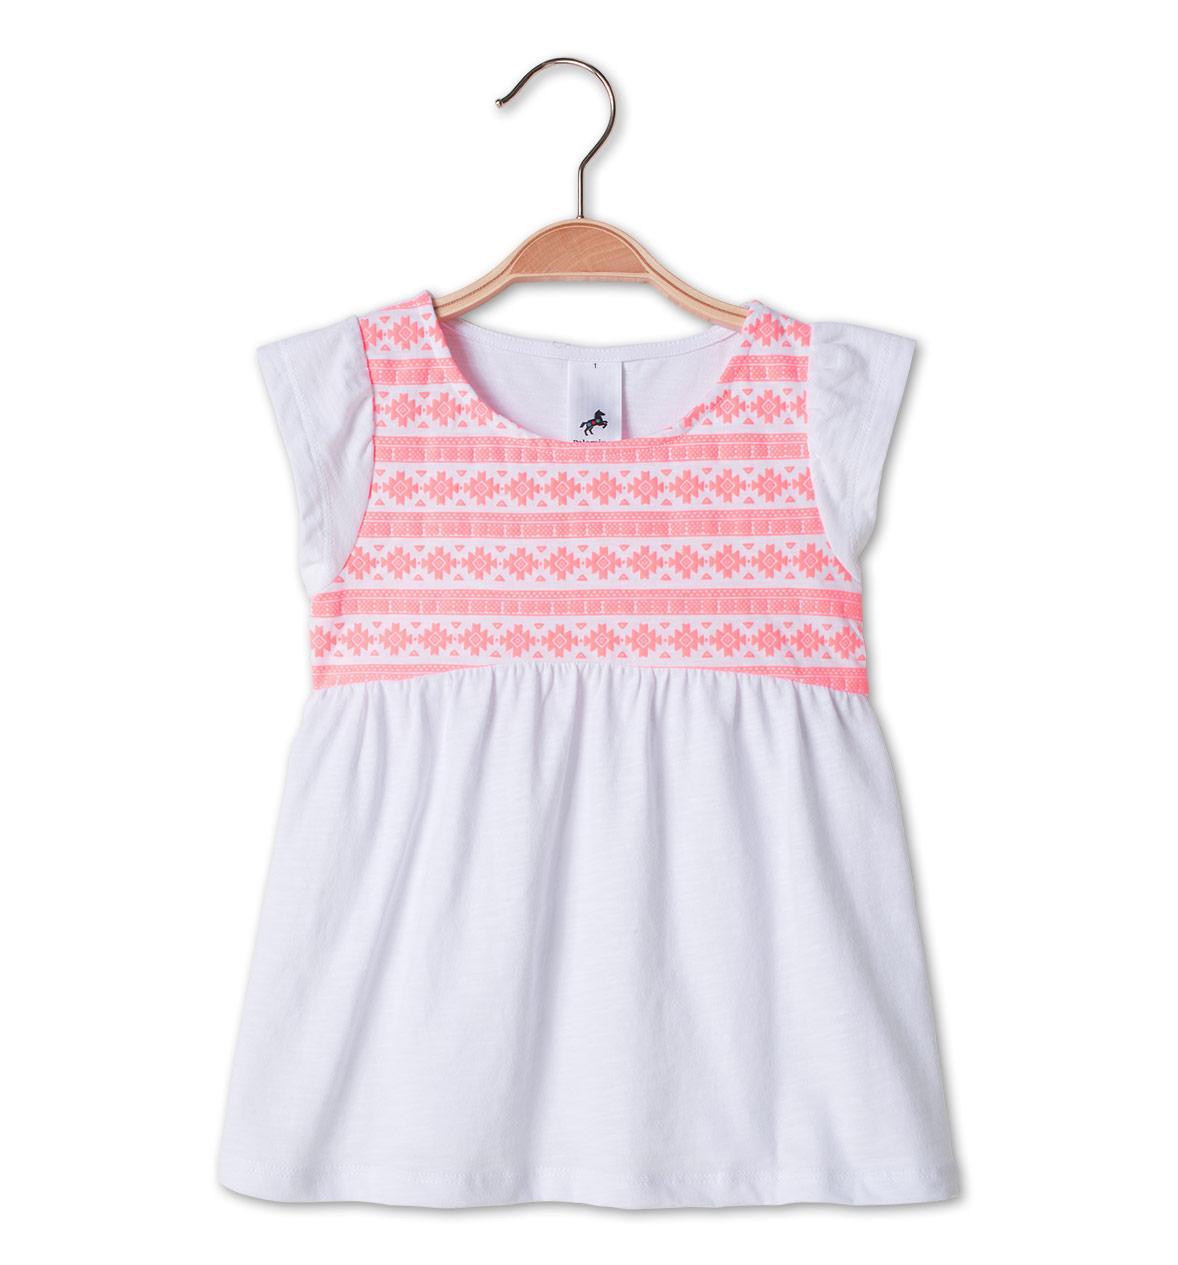 Біла футболка на дівчинку 4-5 років C&A Німеччина Розмір 110